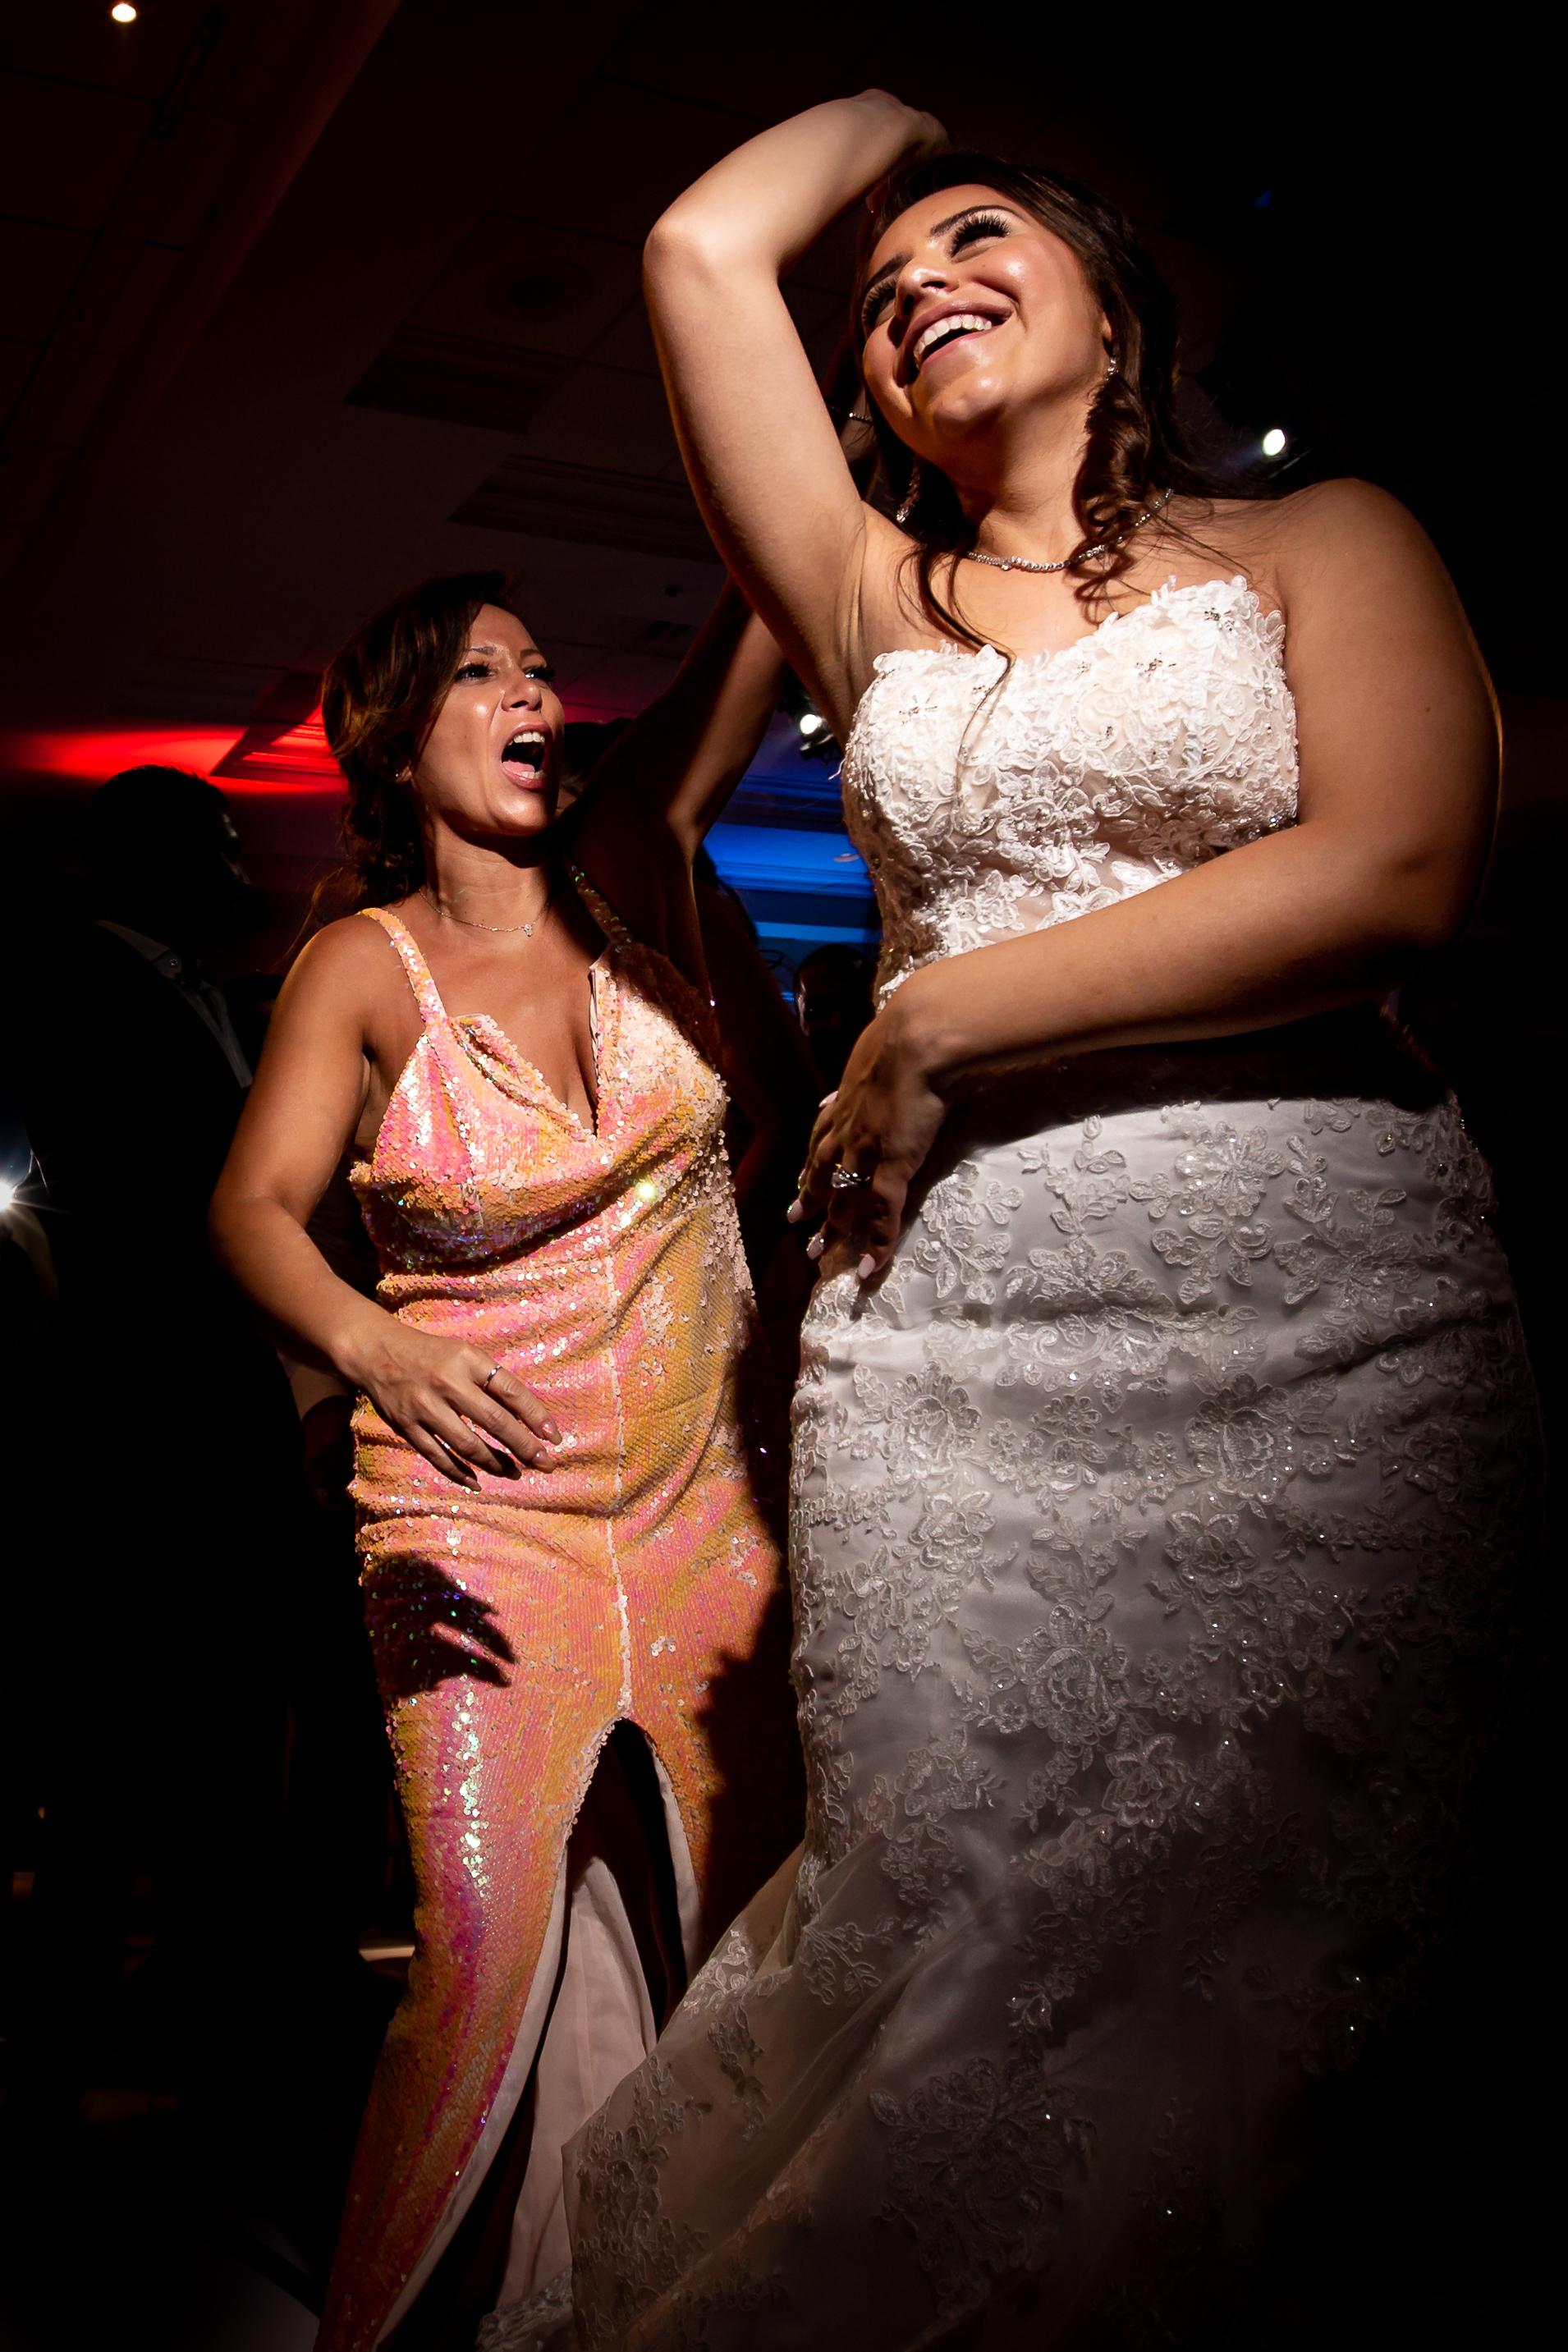 jewish-wedding-93.jpg